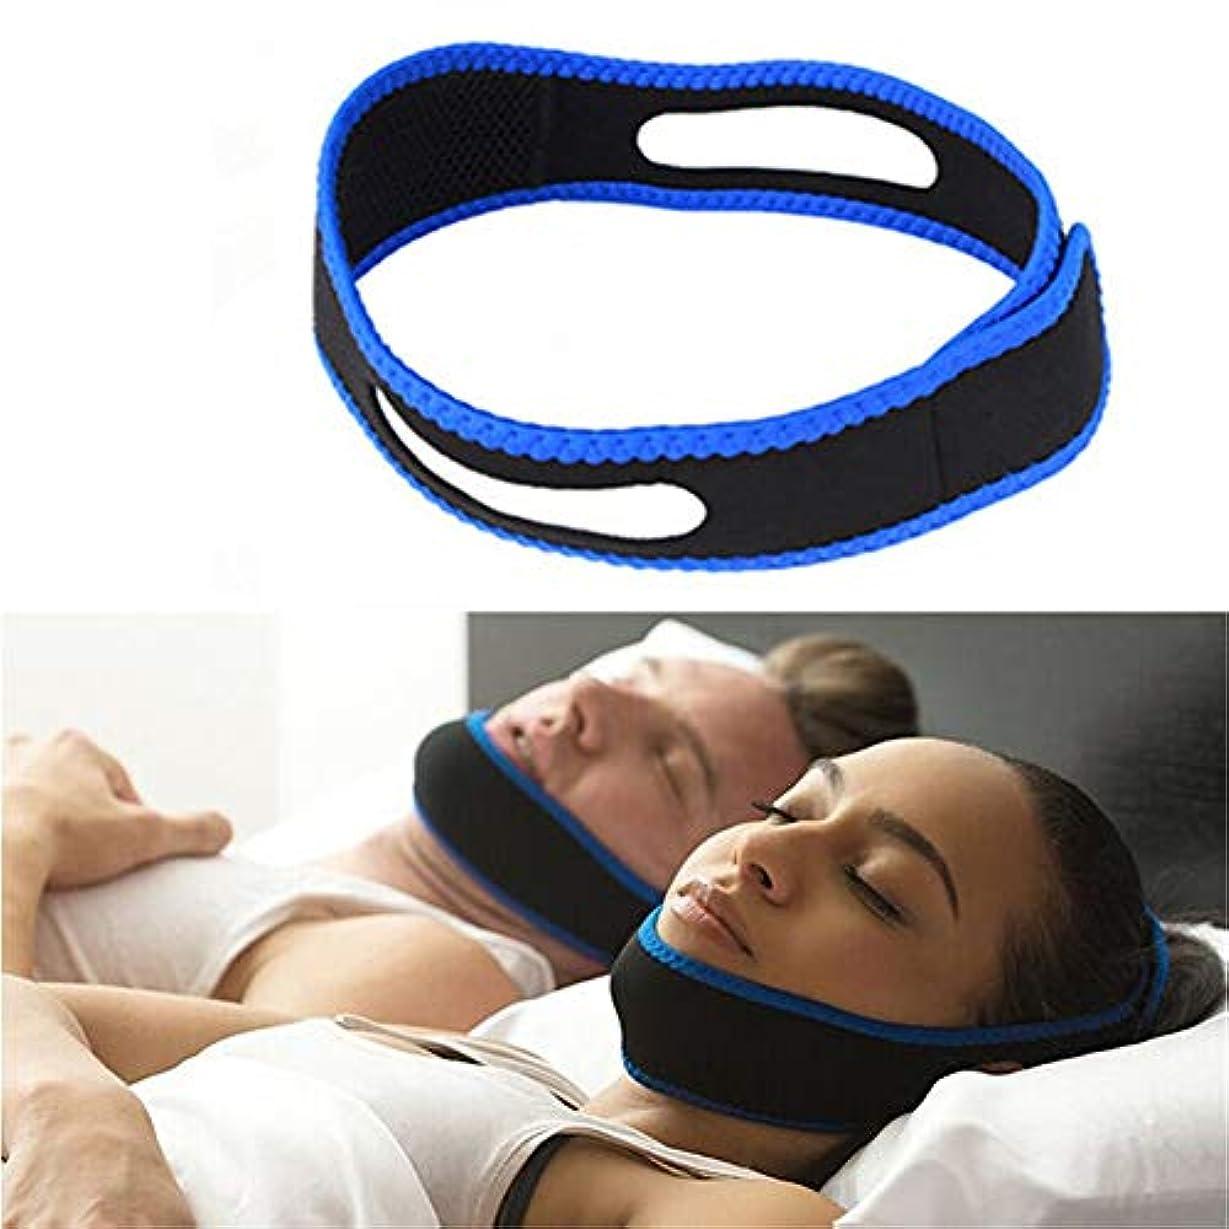 気楽なガラガラ息切れAngzhili いびき軽減グッズ いびき防止装置 いびき対策グッズ 睡眠補助 快眠サポーター 肌に優しい サイズ調整可能 男女兼用